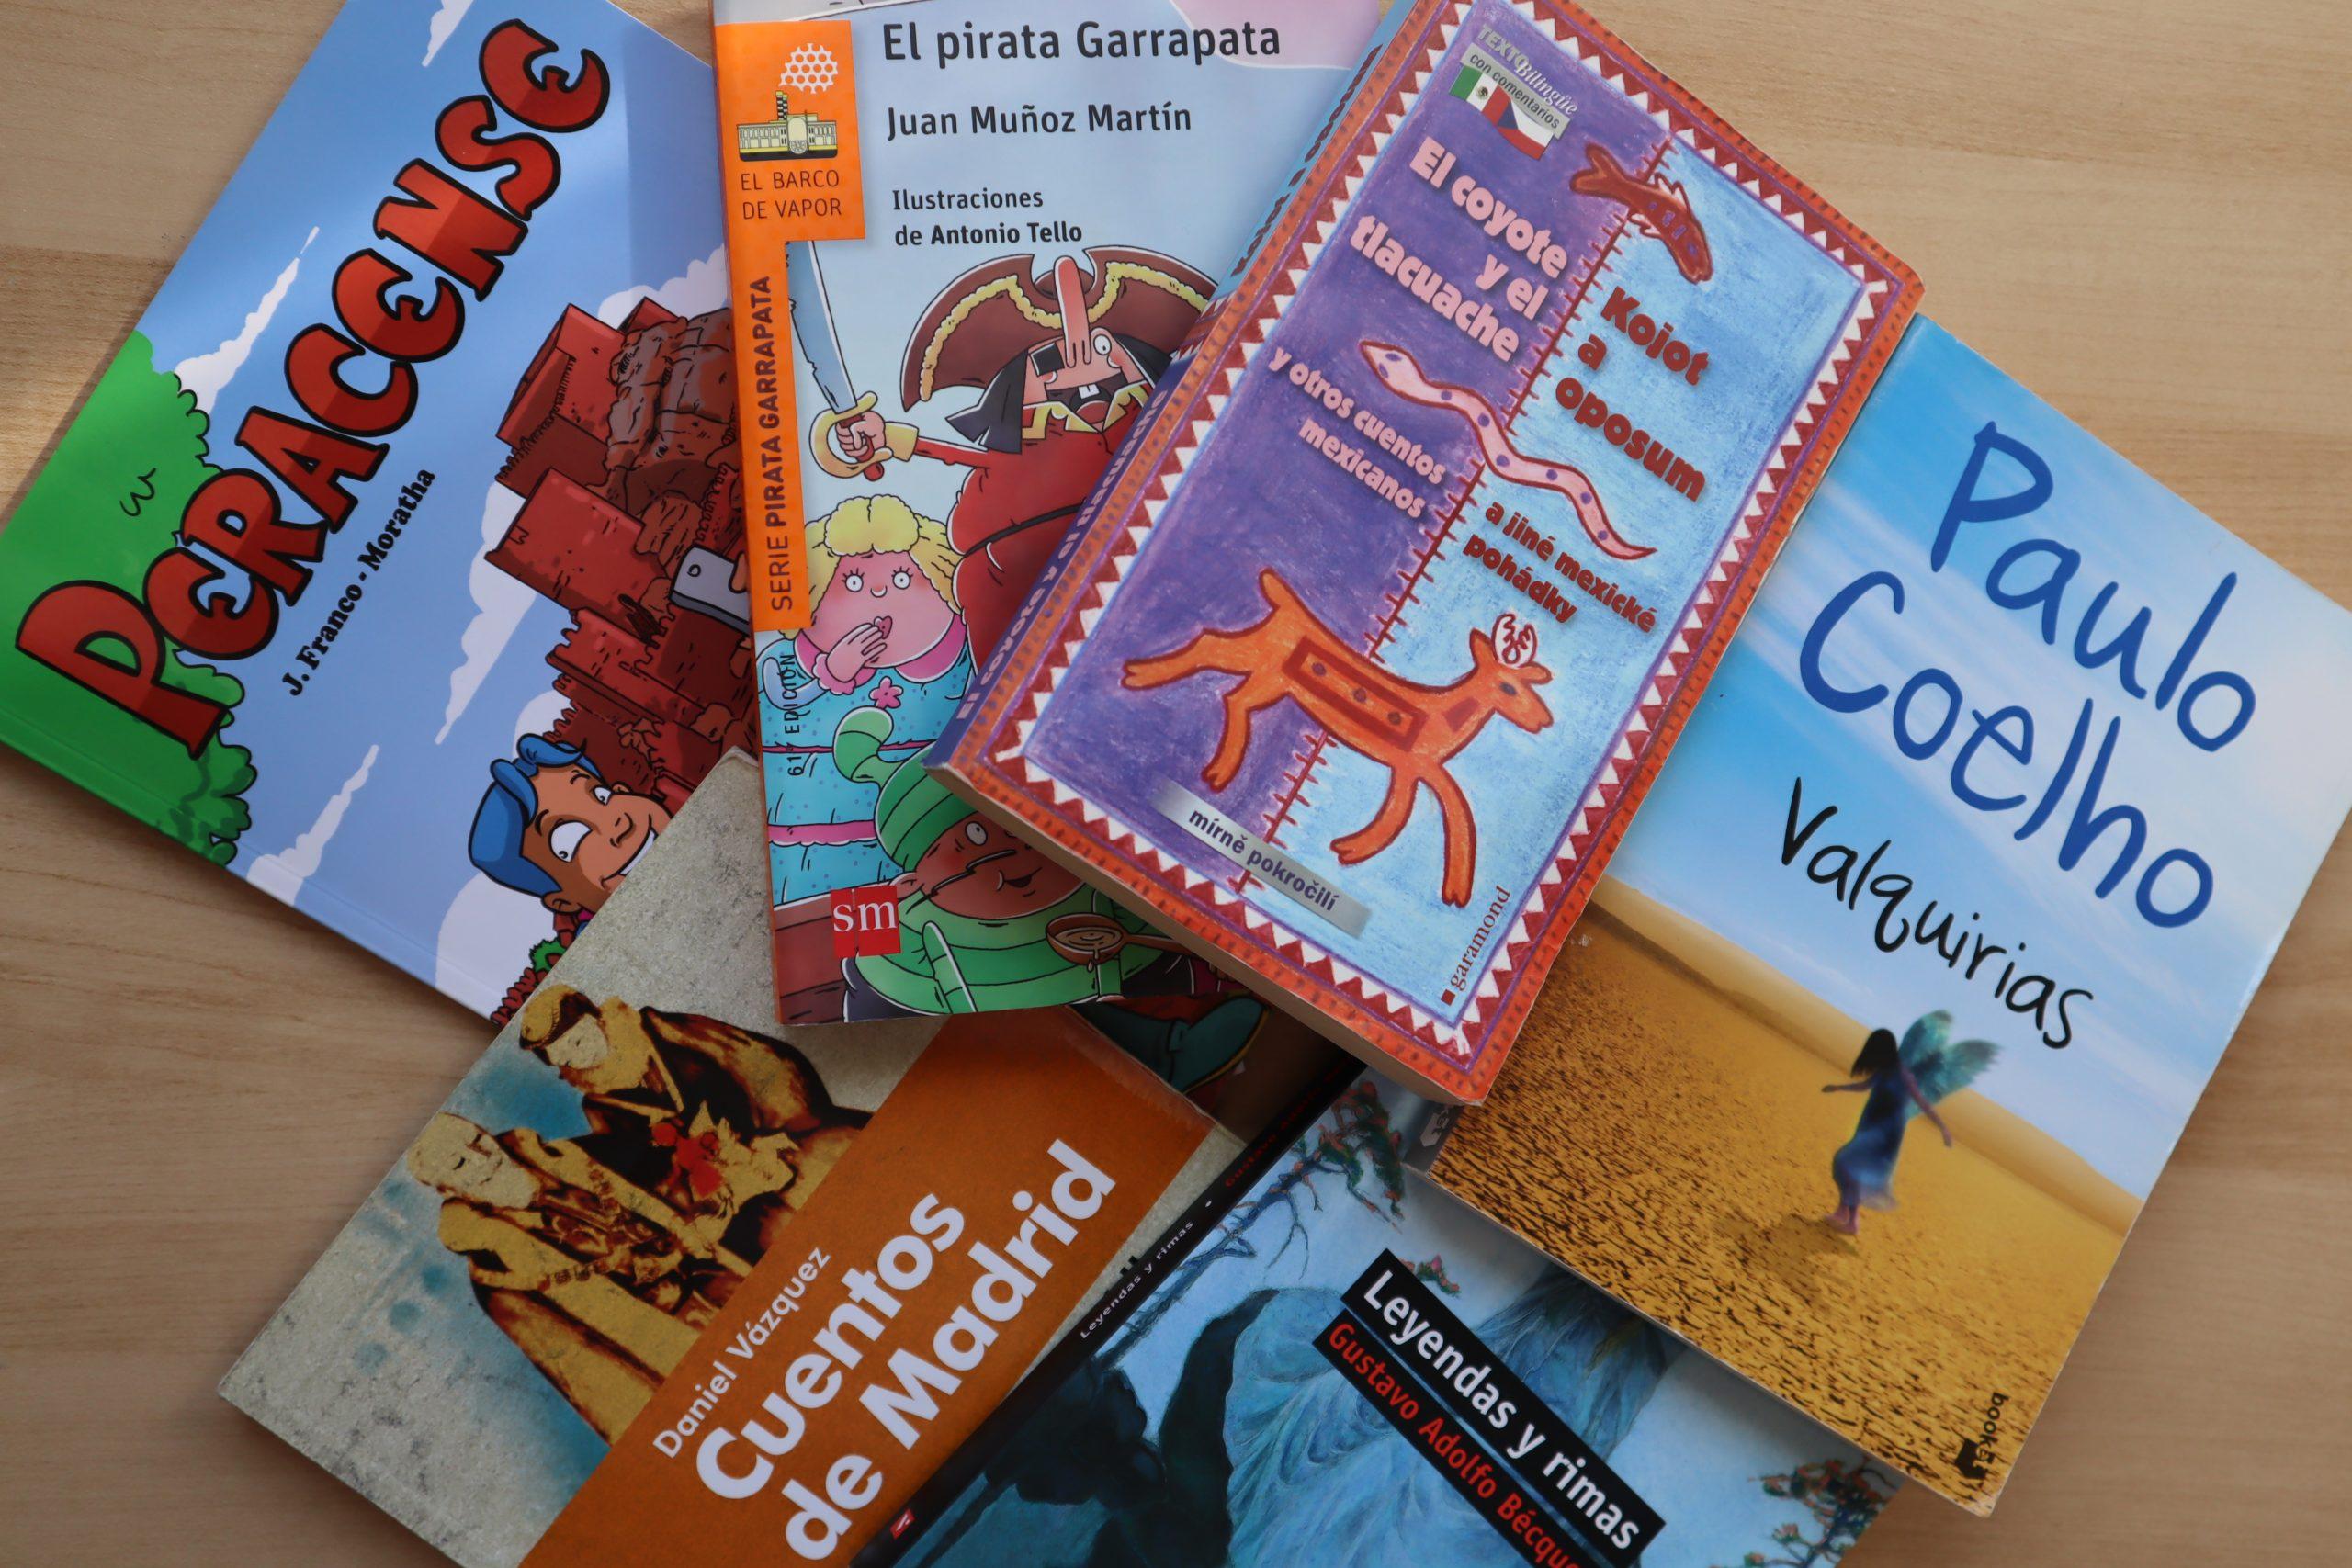 španielske knihy učenie španielčiny